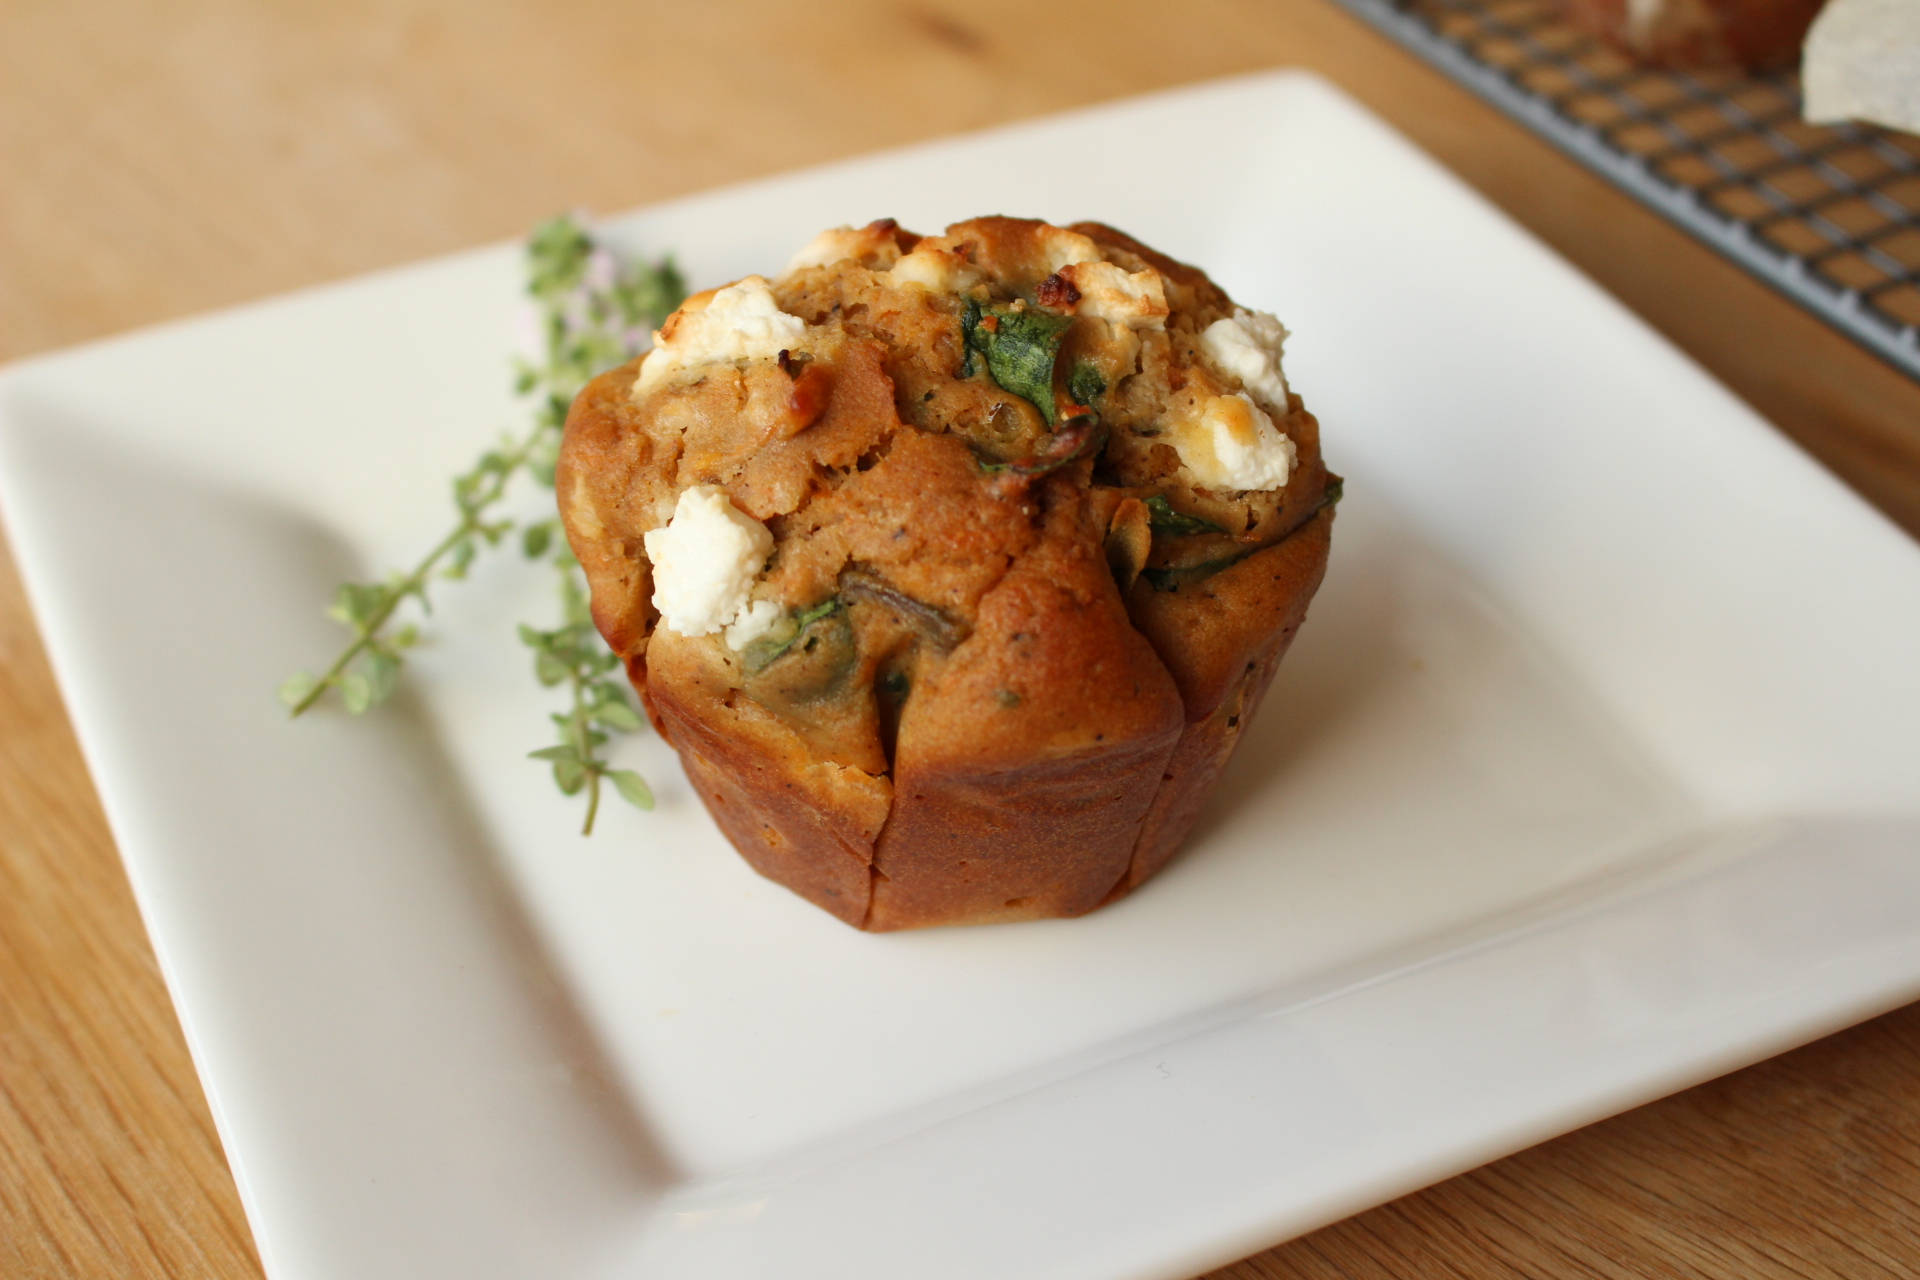 Gluten free savoury breakfast muffins pack a serve of veggies.